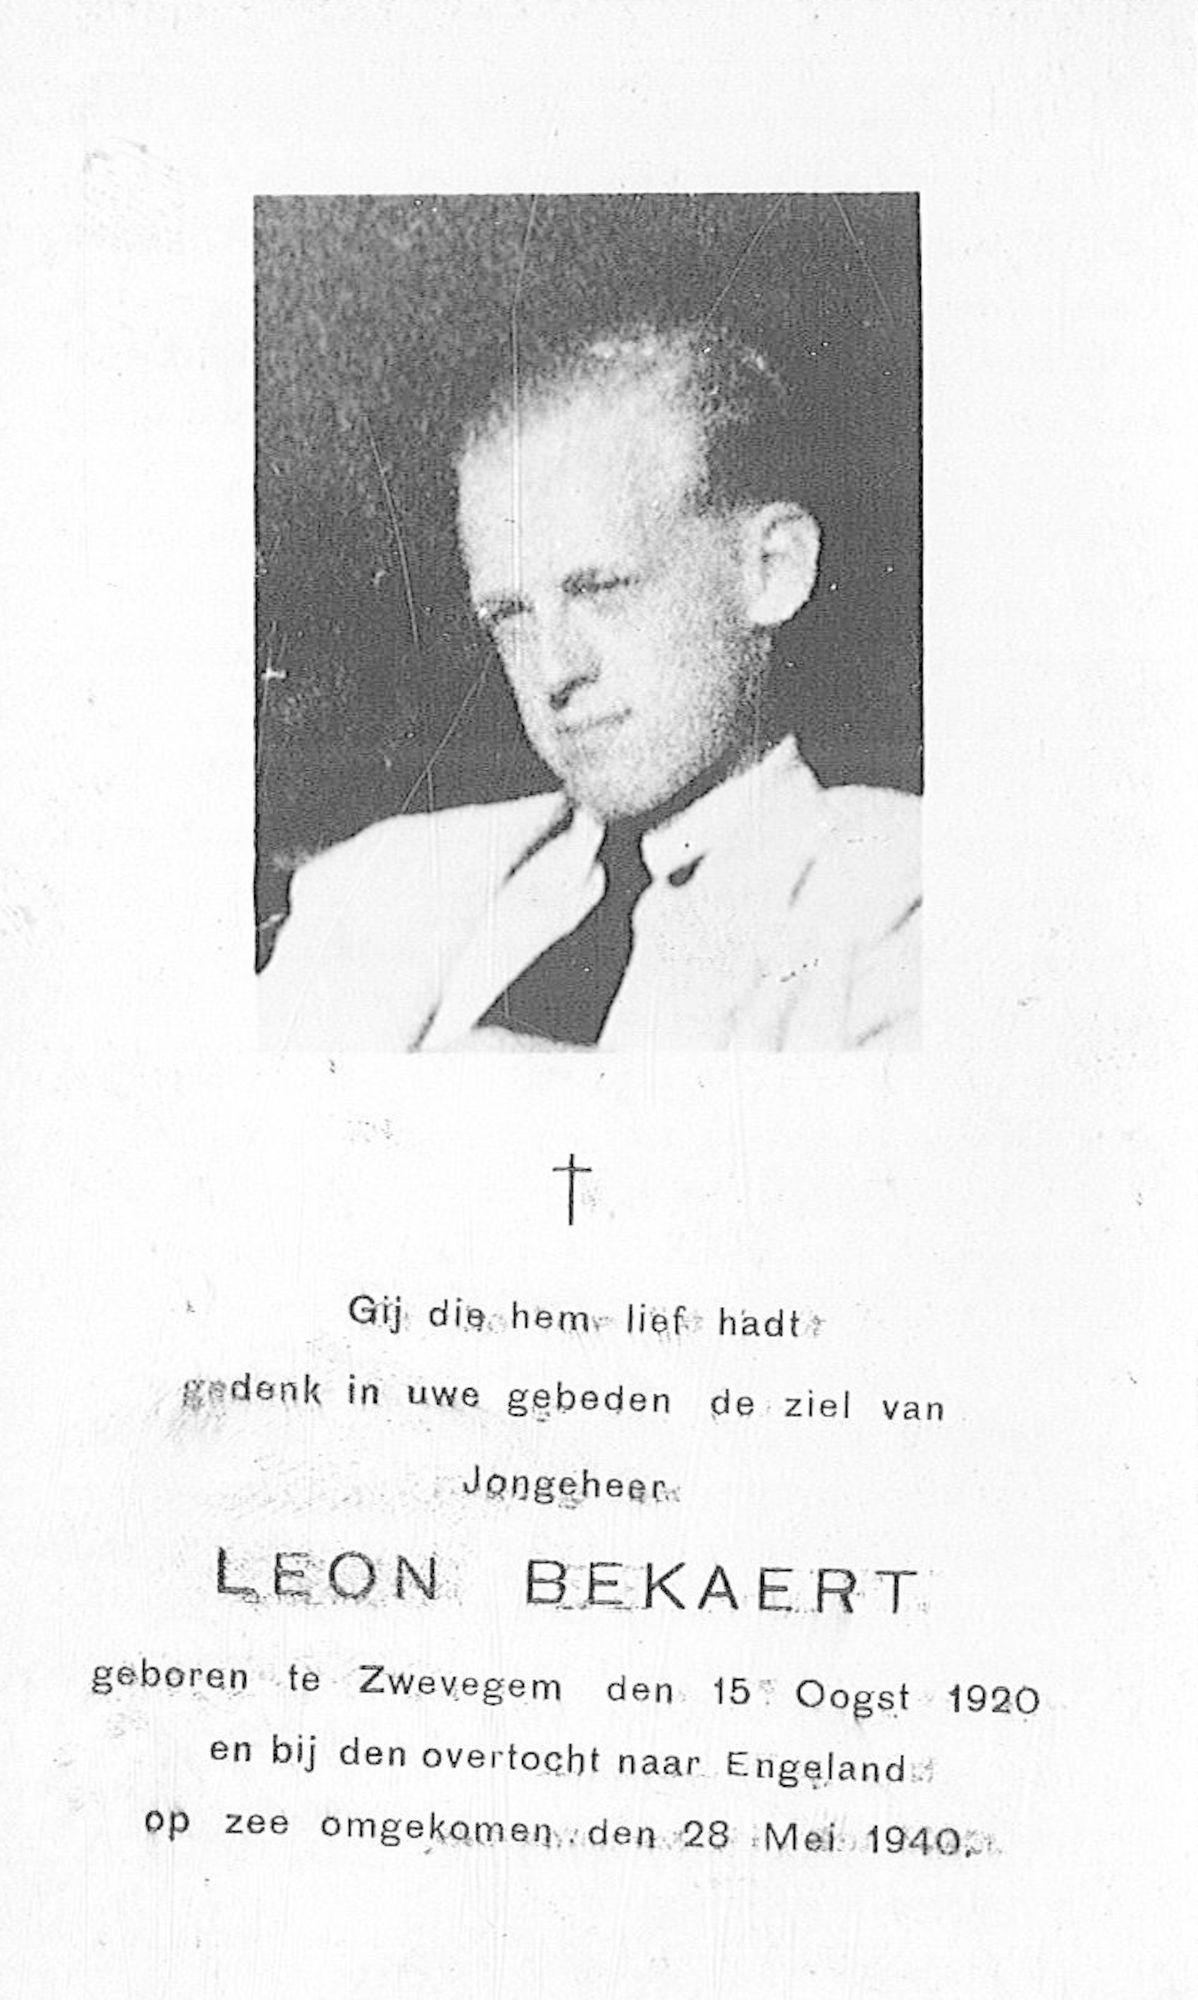 Leon Bekaert